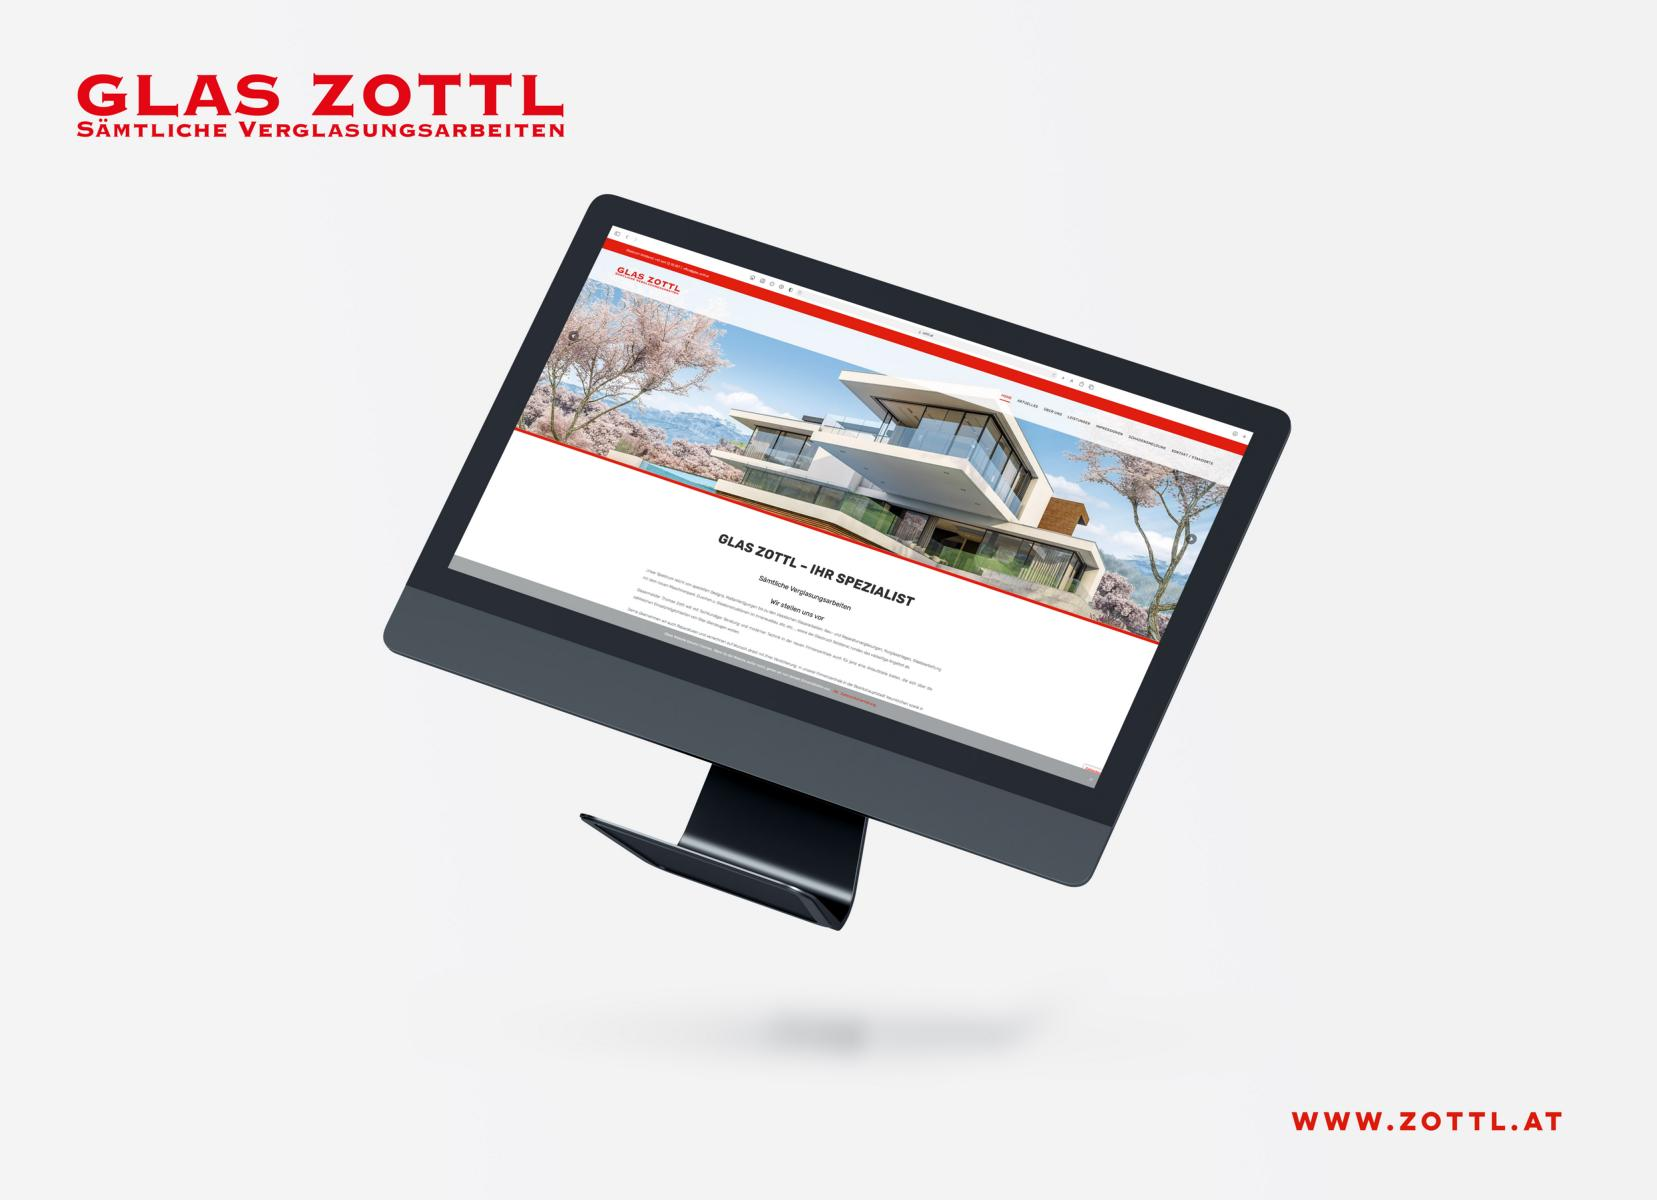 Zottl